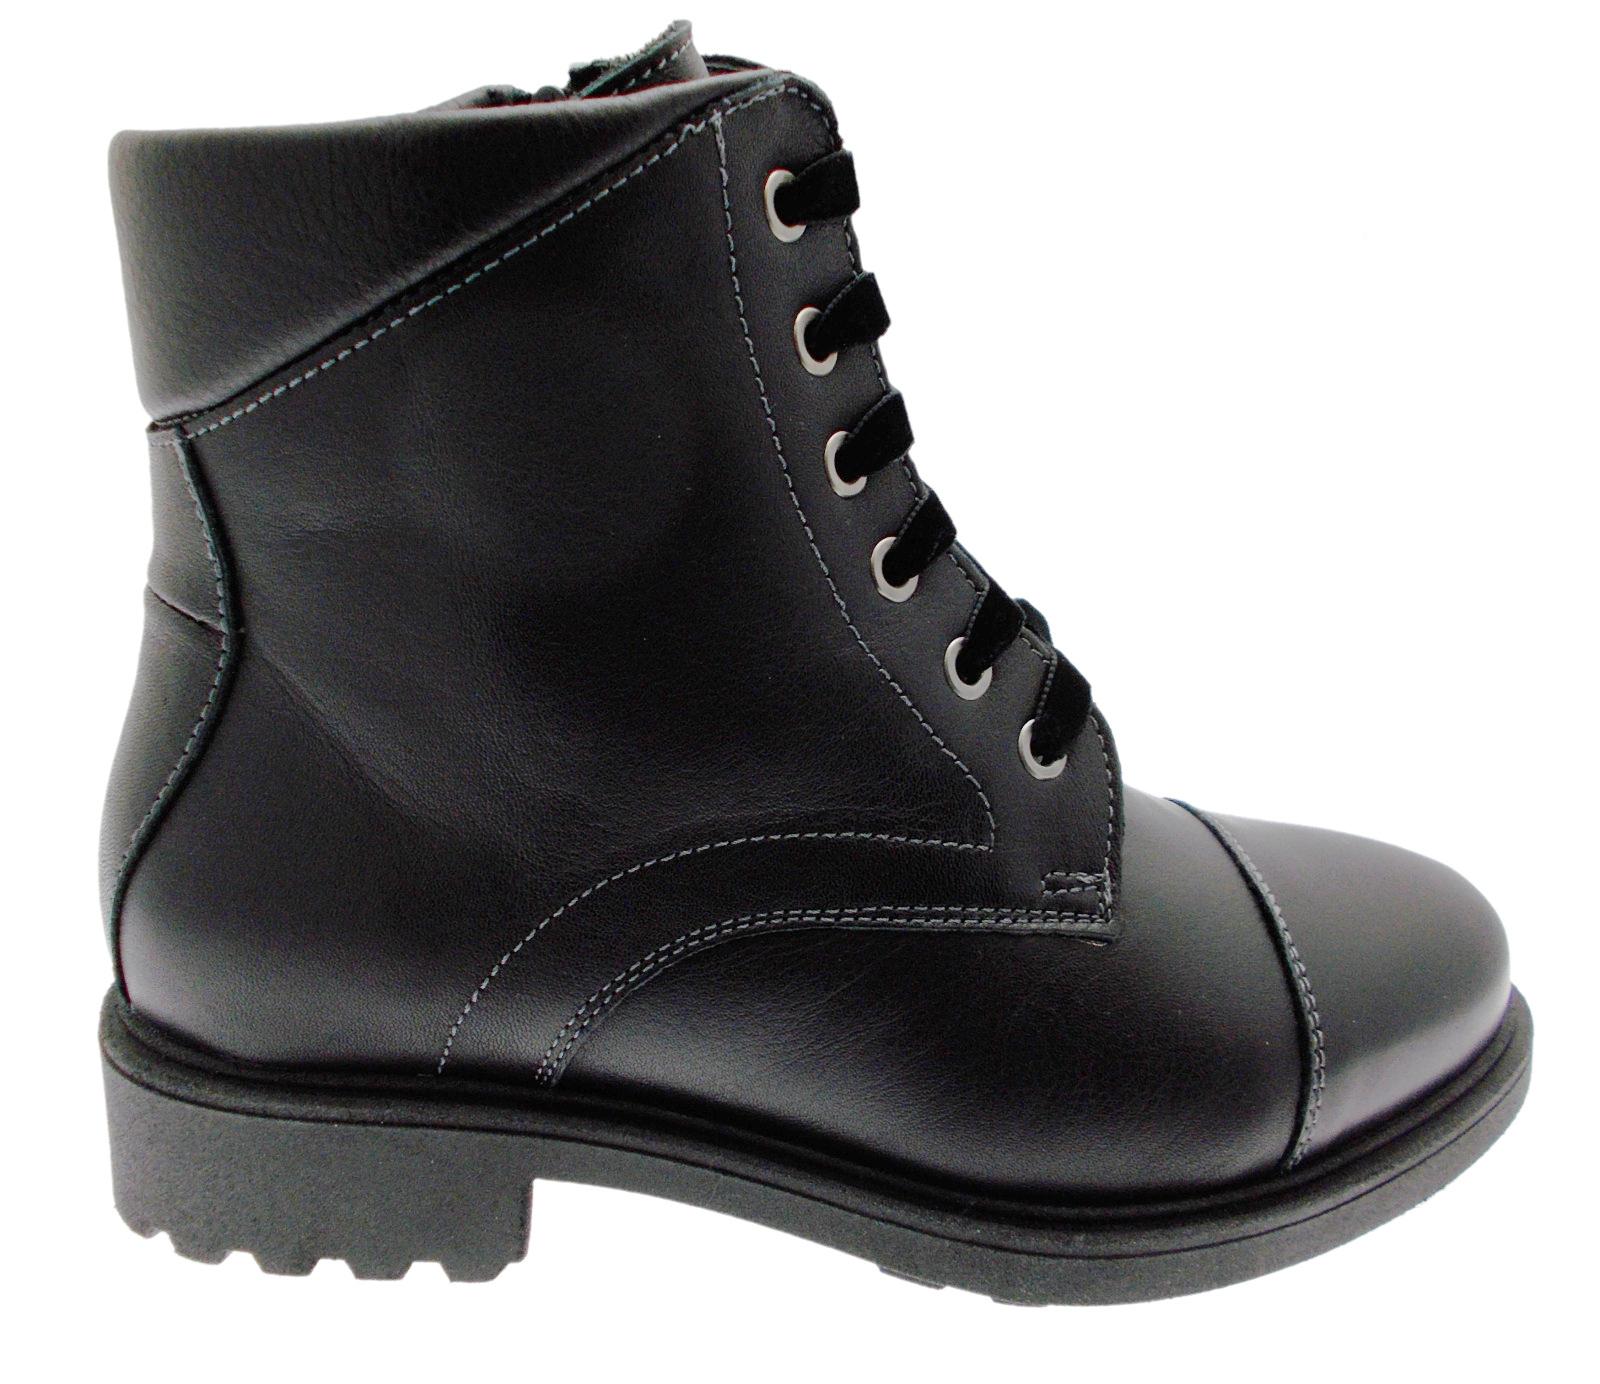 C3777 anfibio nero stivaletto boot nero anfibio ortopedico plantare Loren 95779d